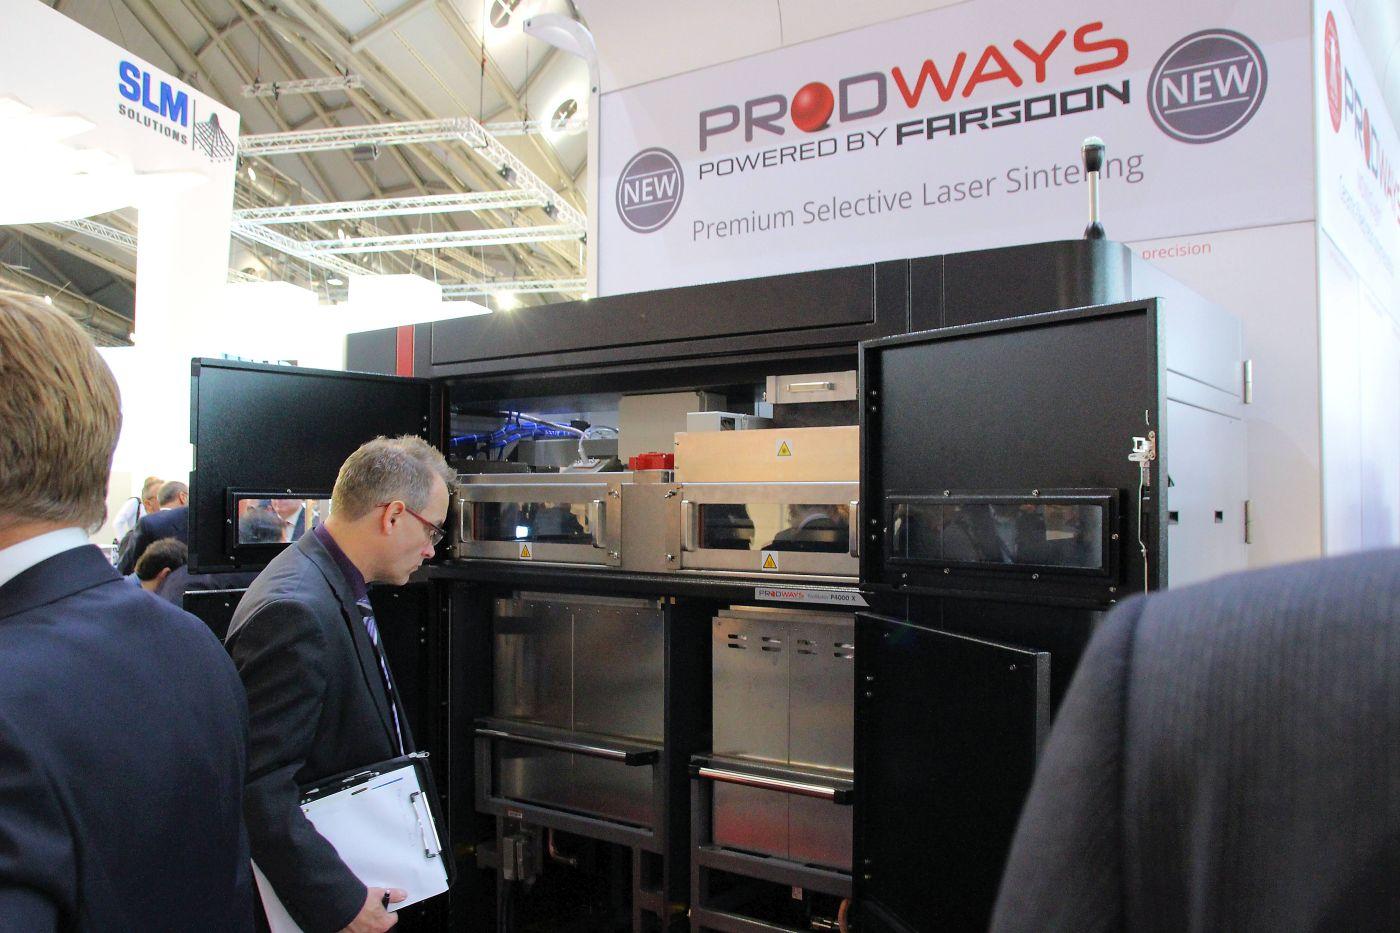 De SLS 3D printer die Prodways samen met Farsoon heeft ontwikkeld.